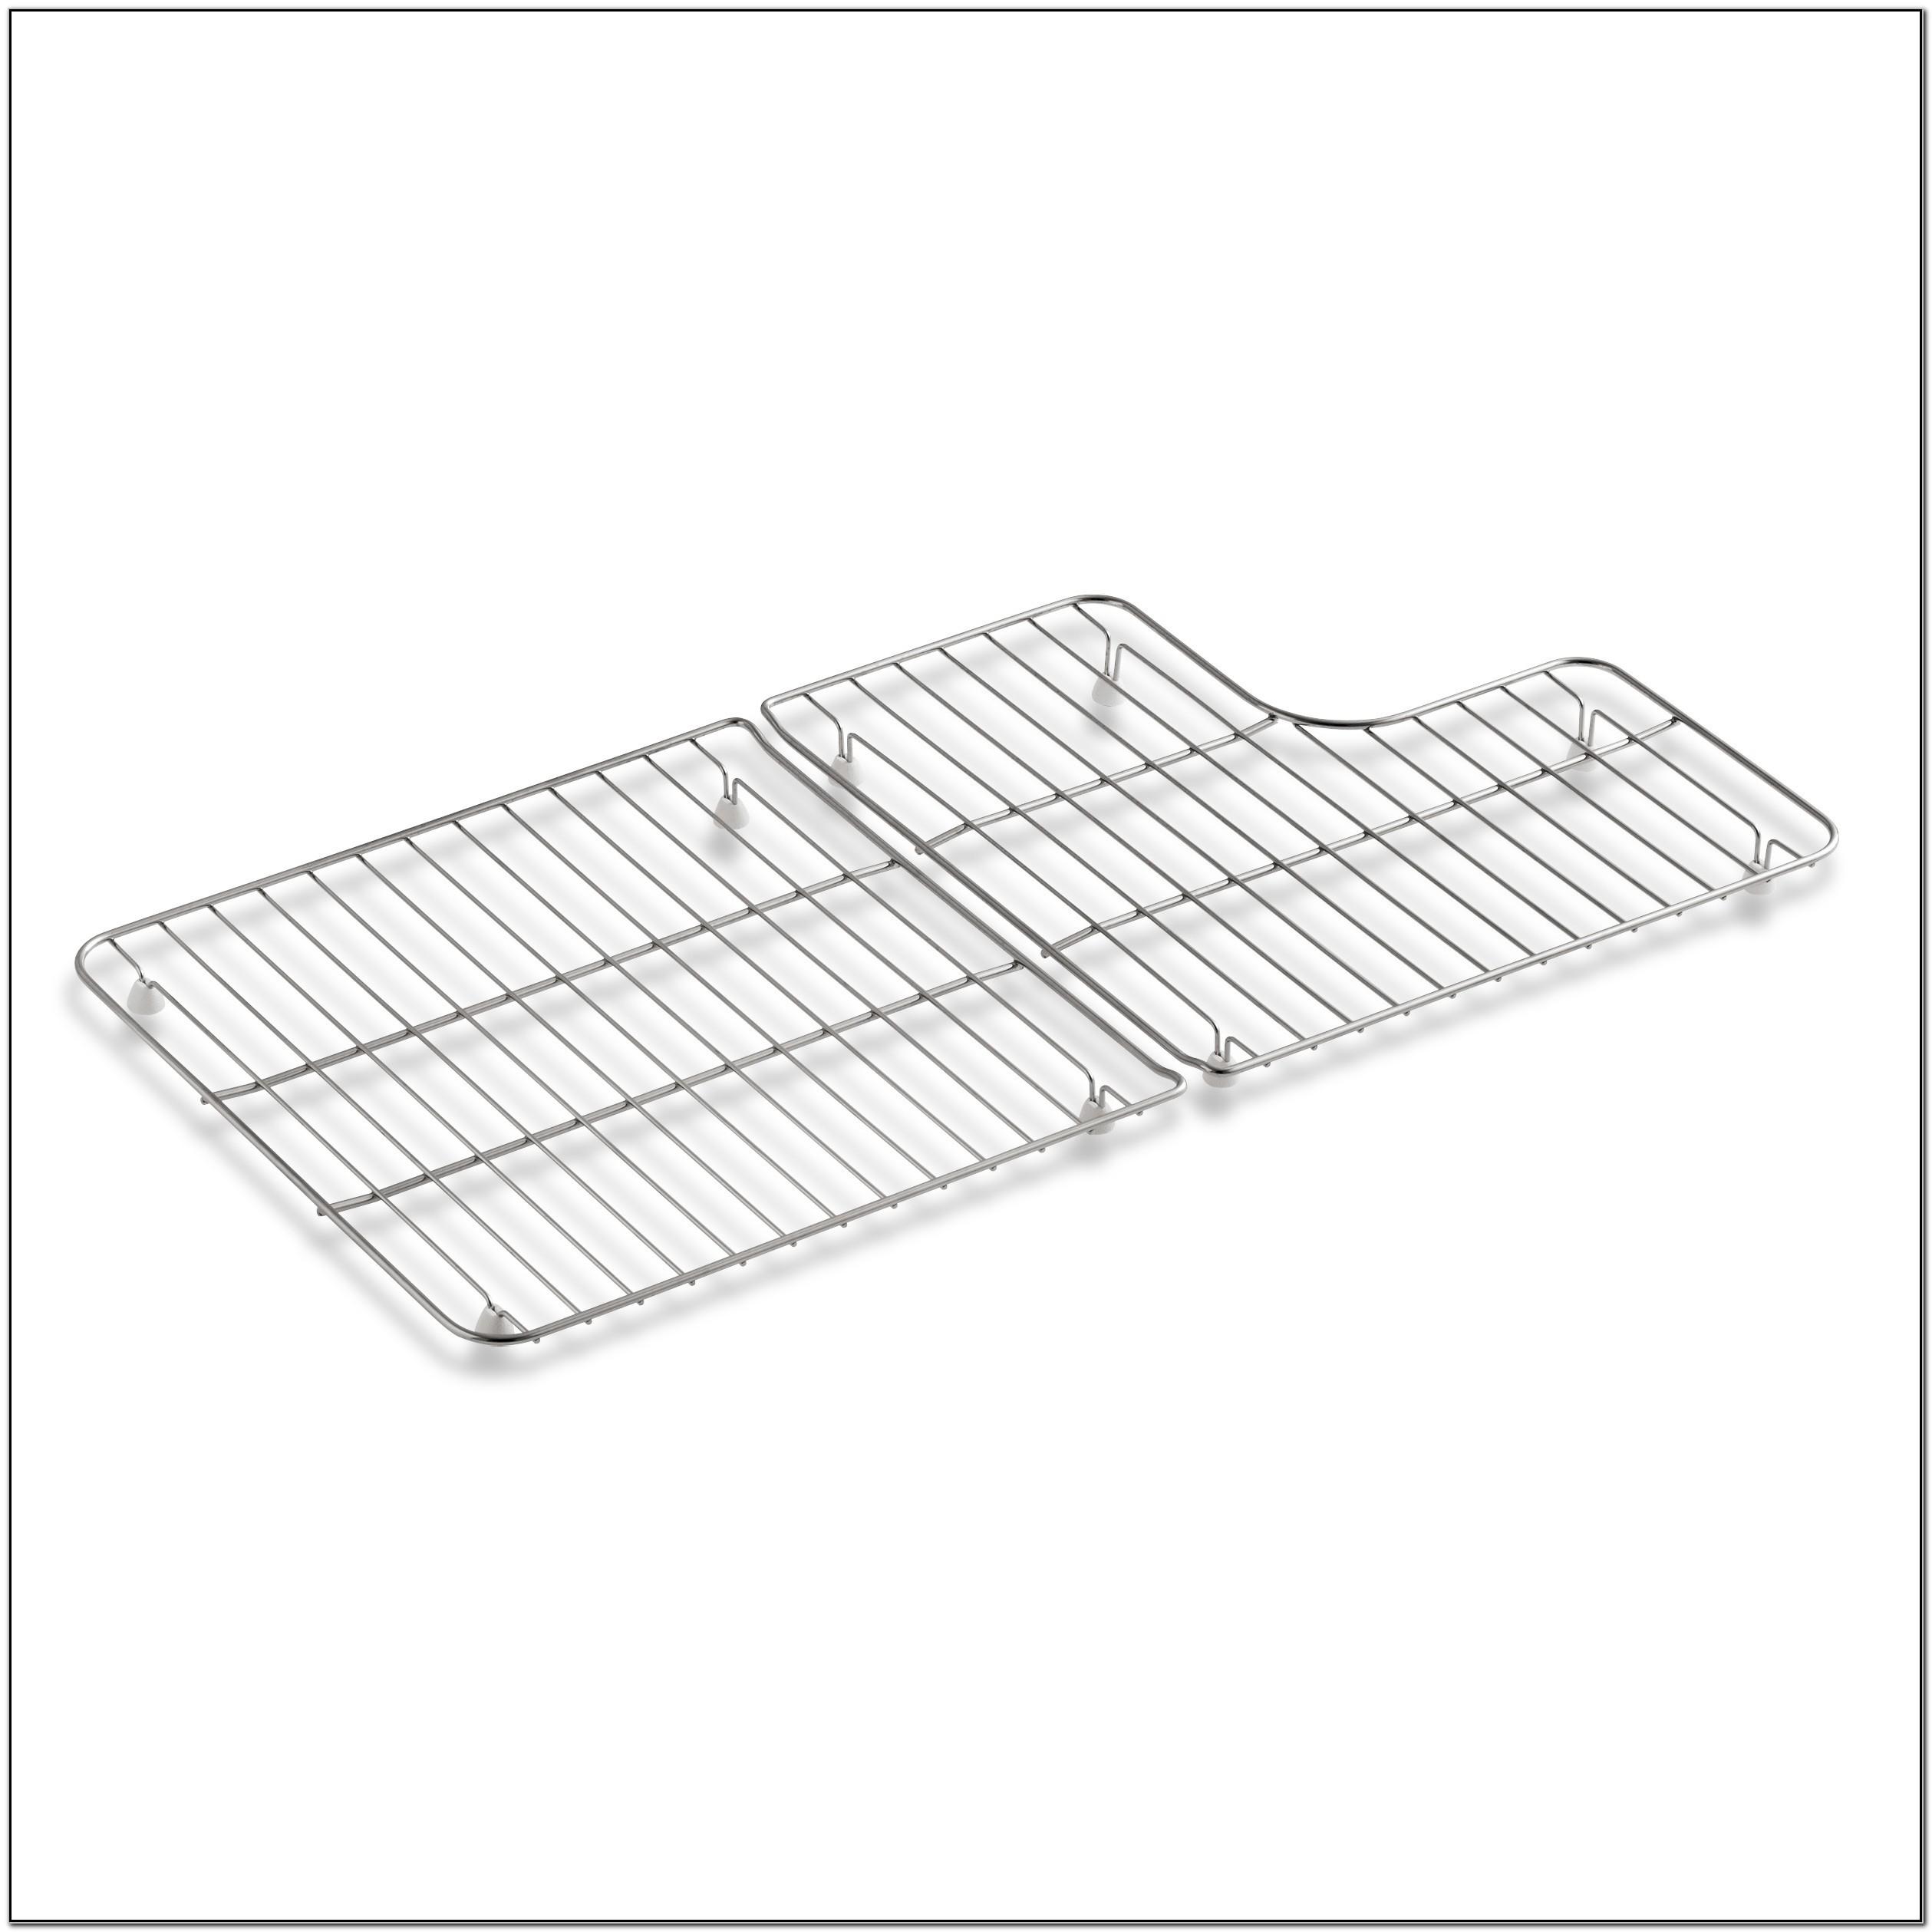 Stainless Steel Sink Racks For 36 Whitehaven